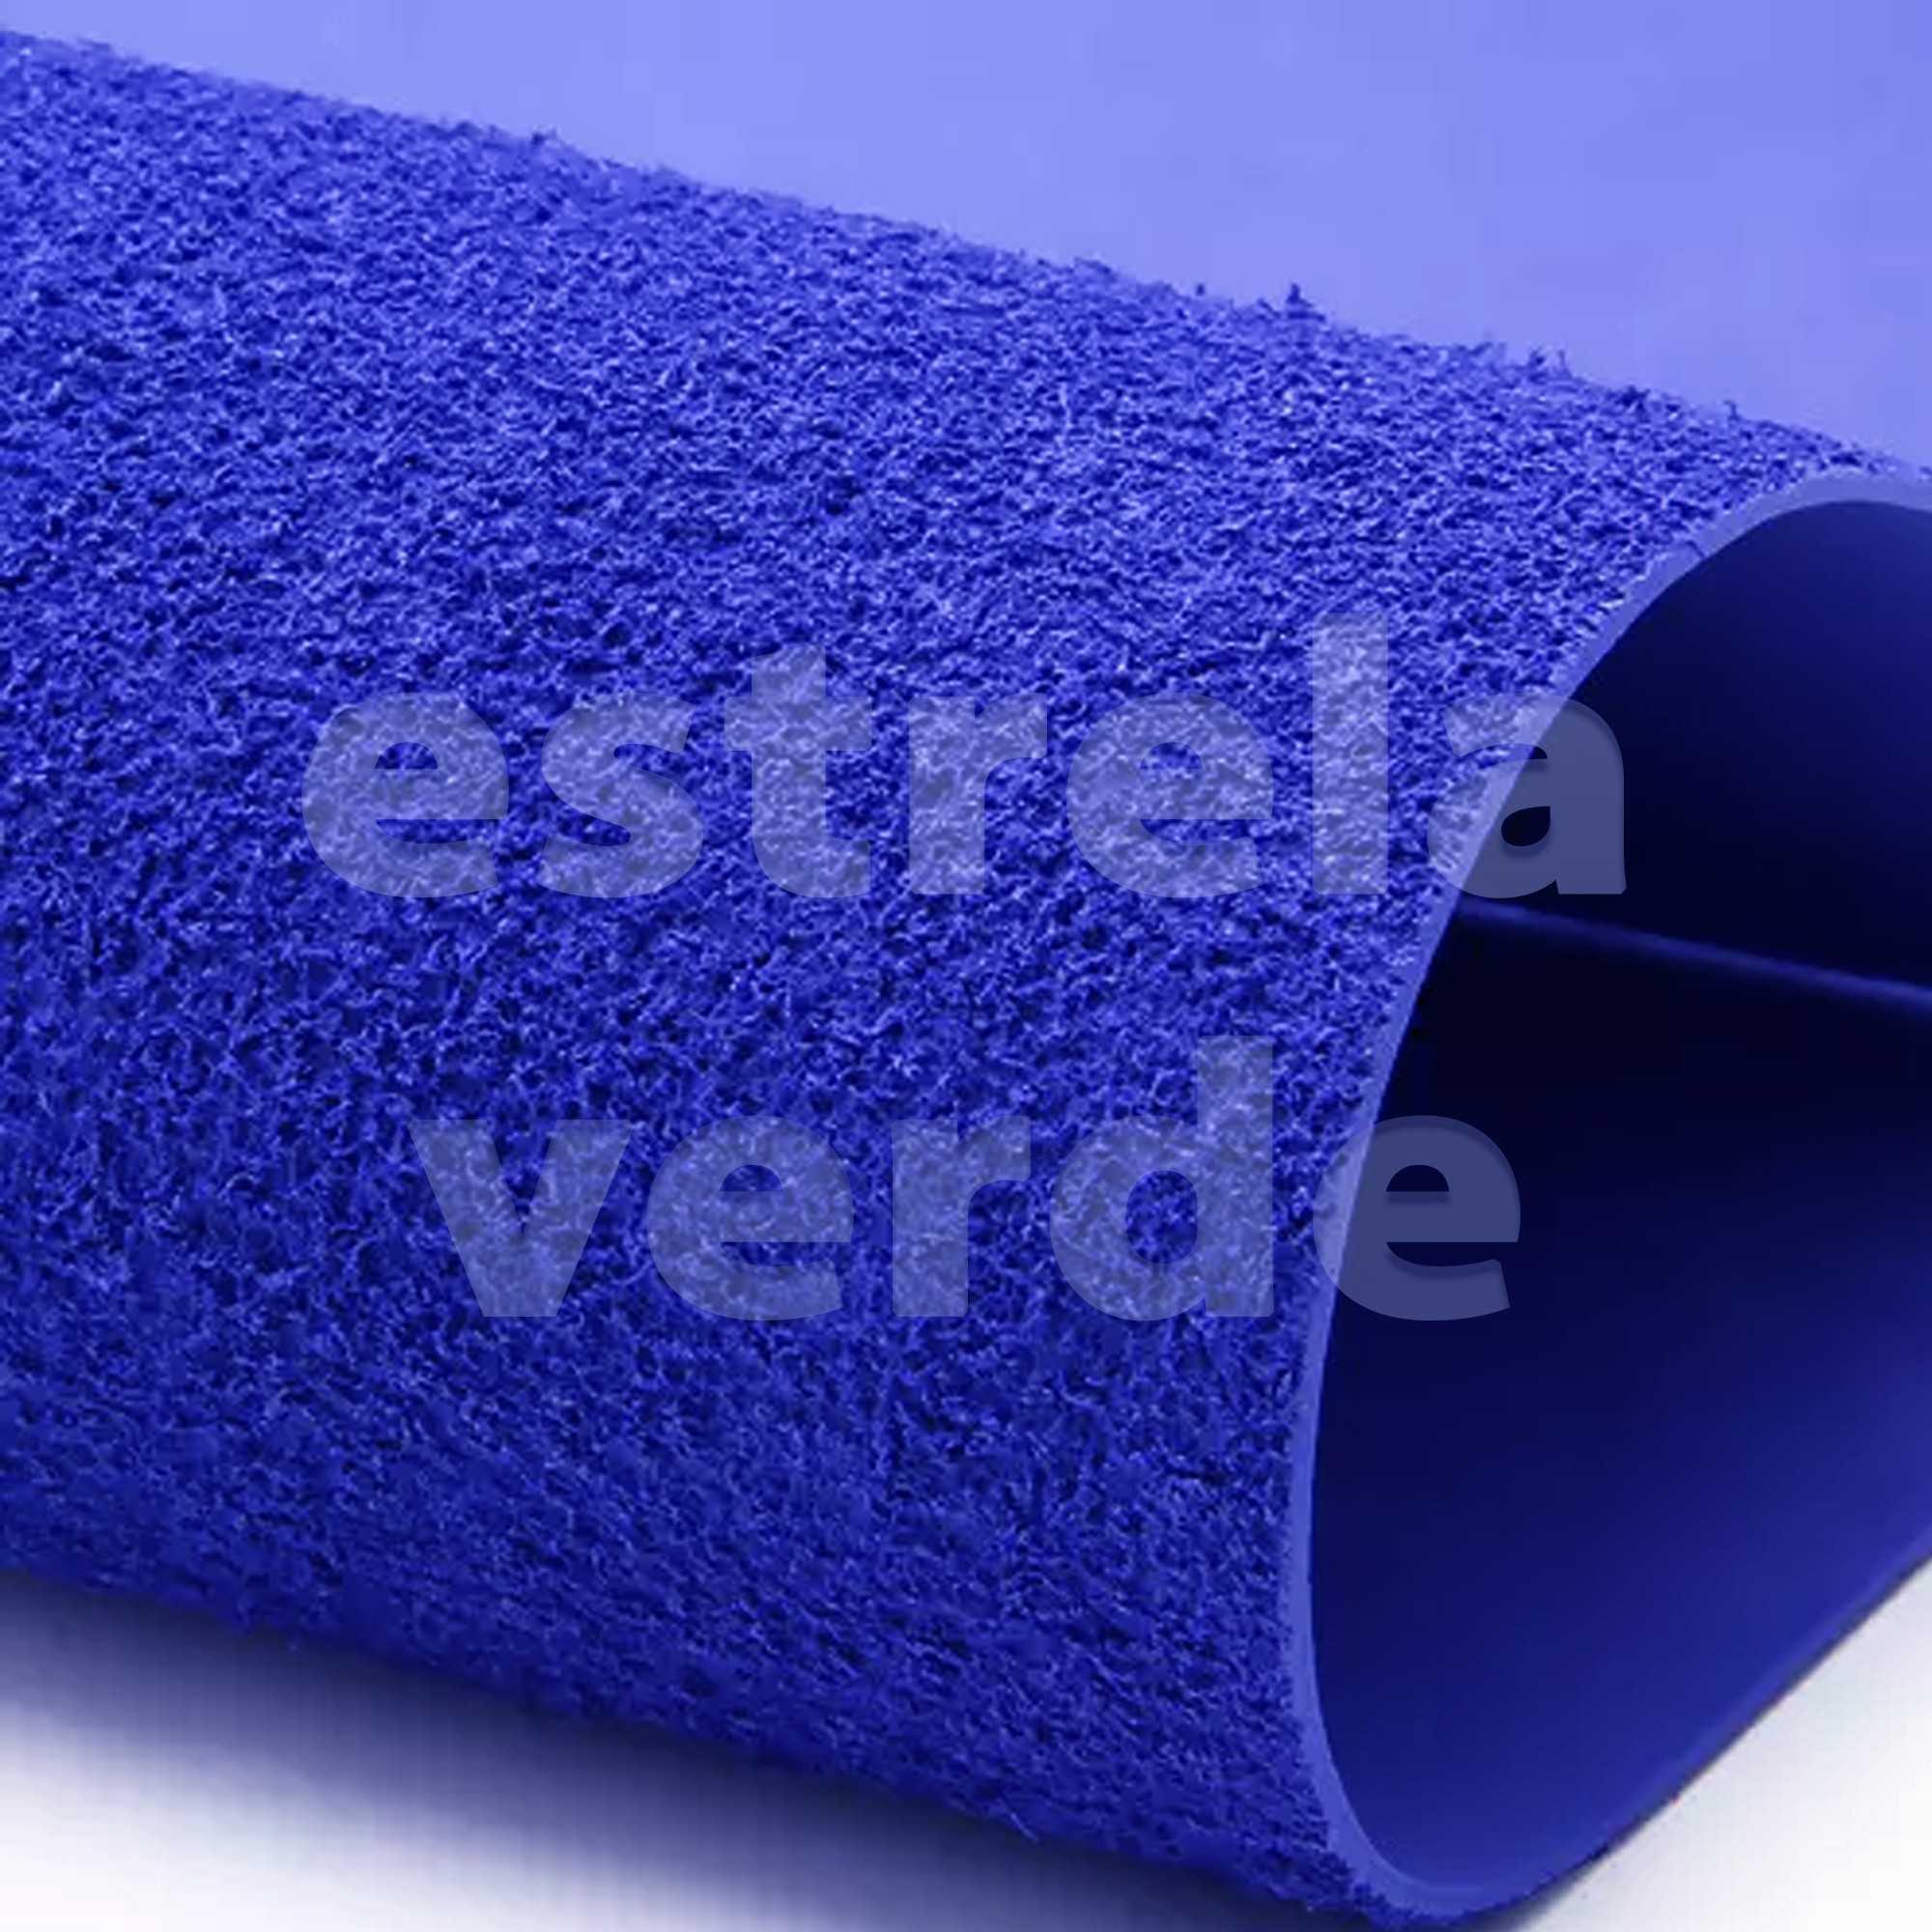 EVA ATOALHADO 40X60 AZUL ROYAL 2MM  - Estrela Verde